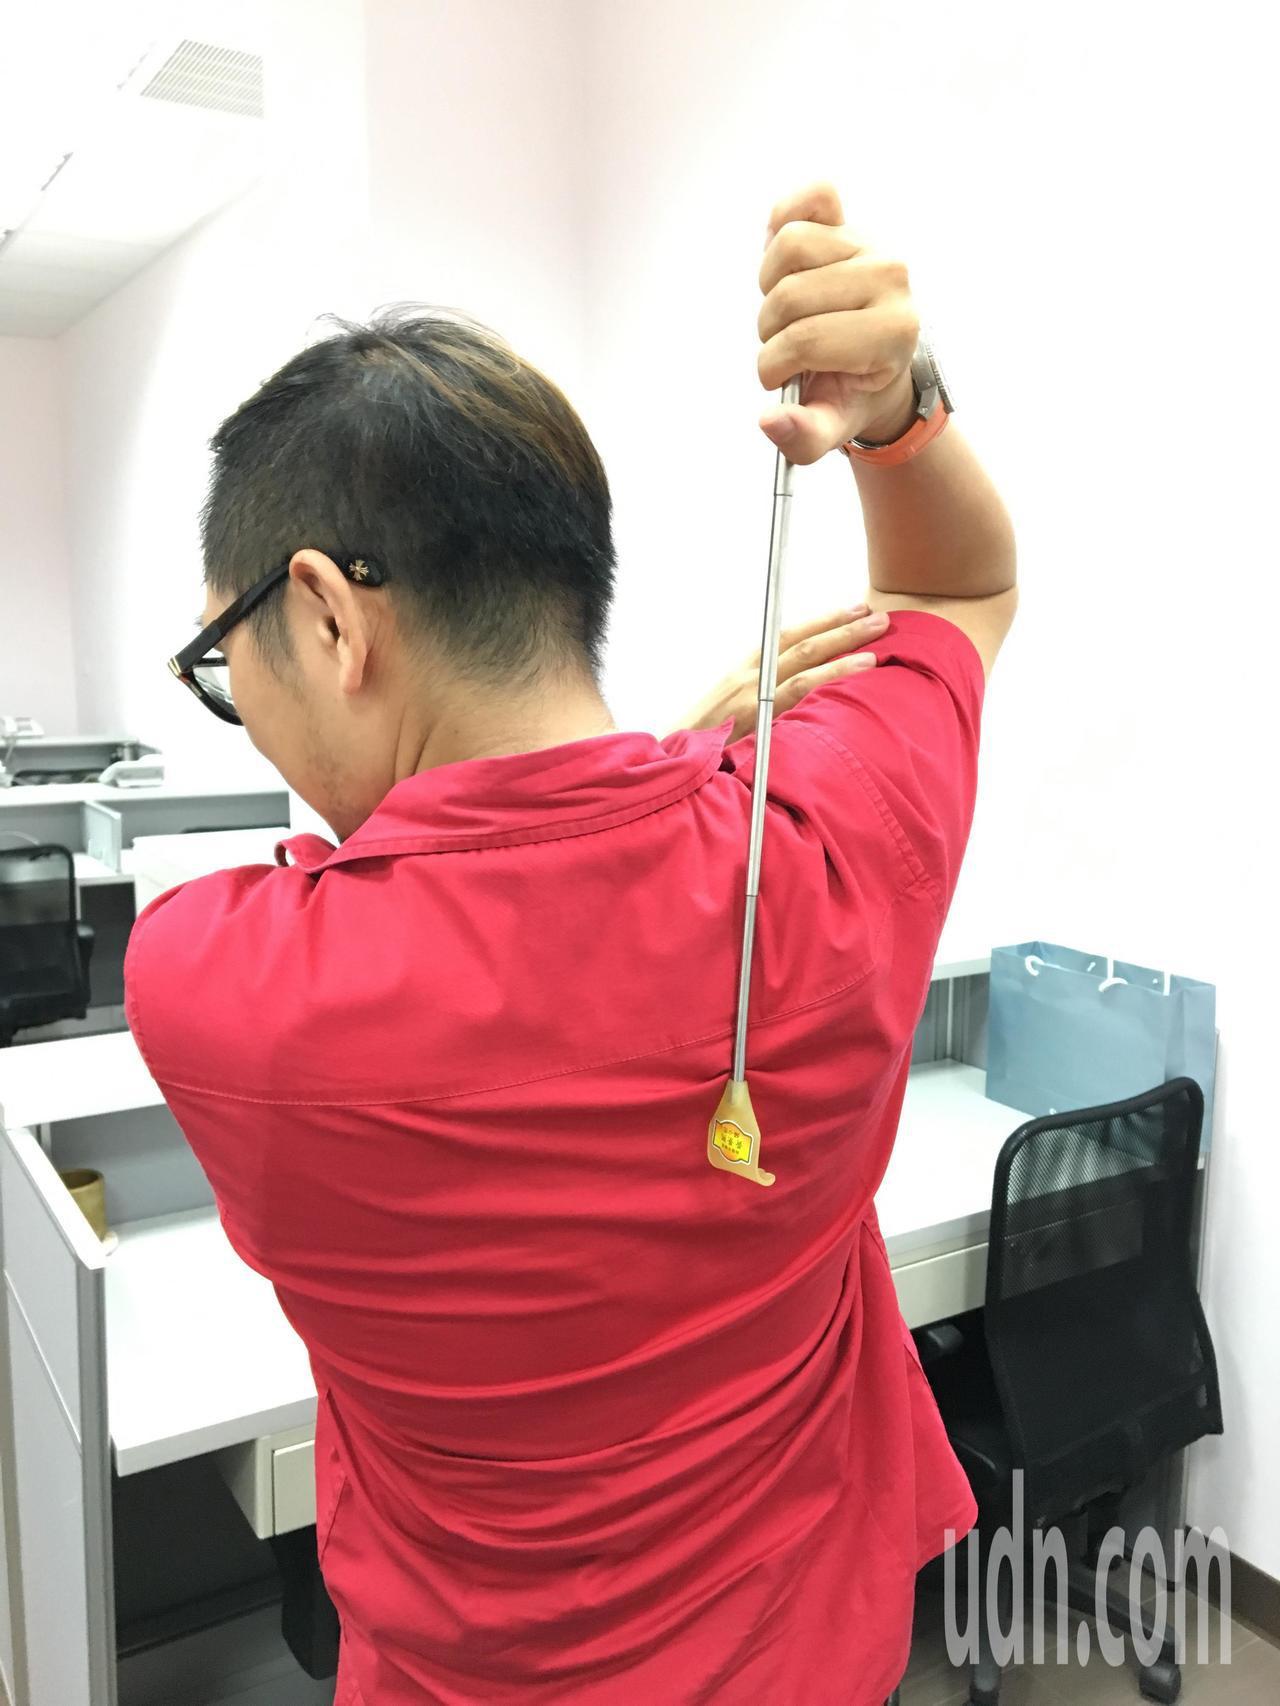 桃園市議員黃景熙特別訂製「不求人」當作文宣品分送給市民。記者張裕珍/攝影